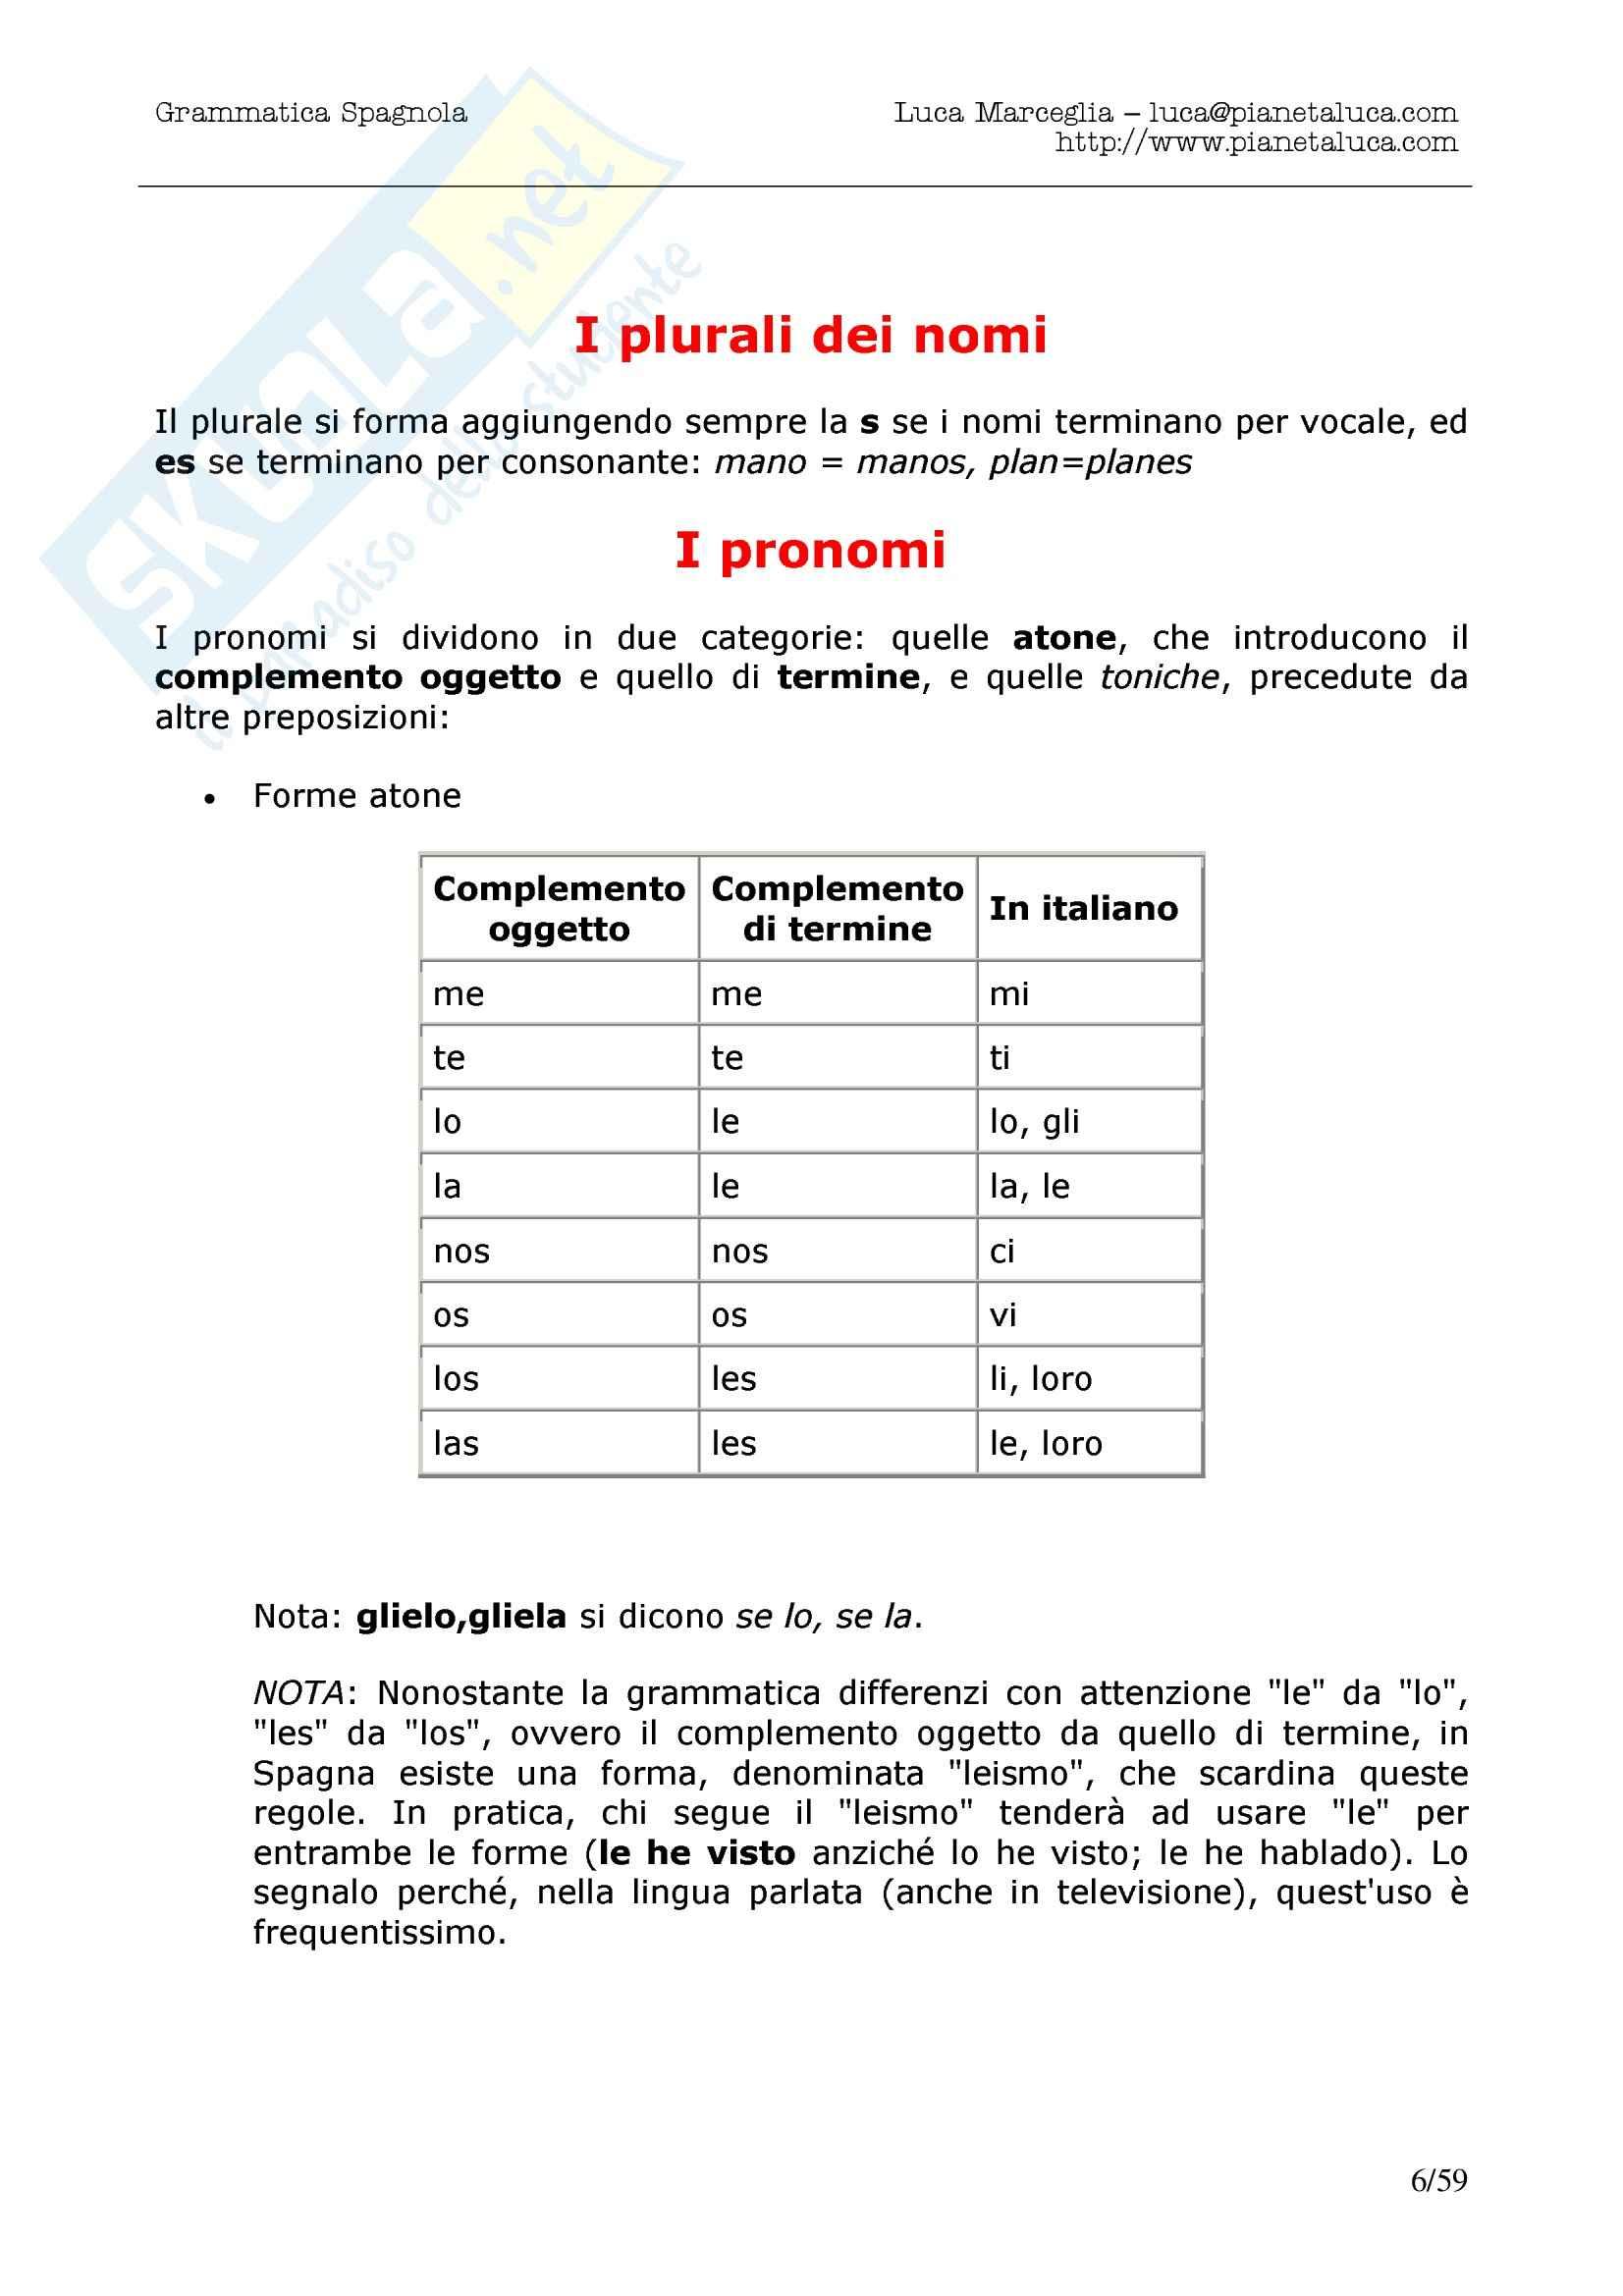 Grammatica spagnola Pag. 6